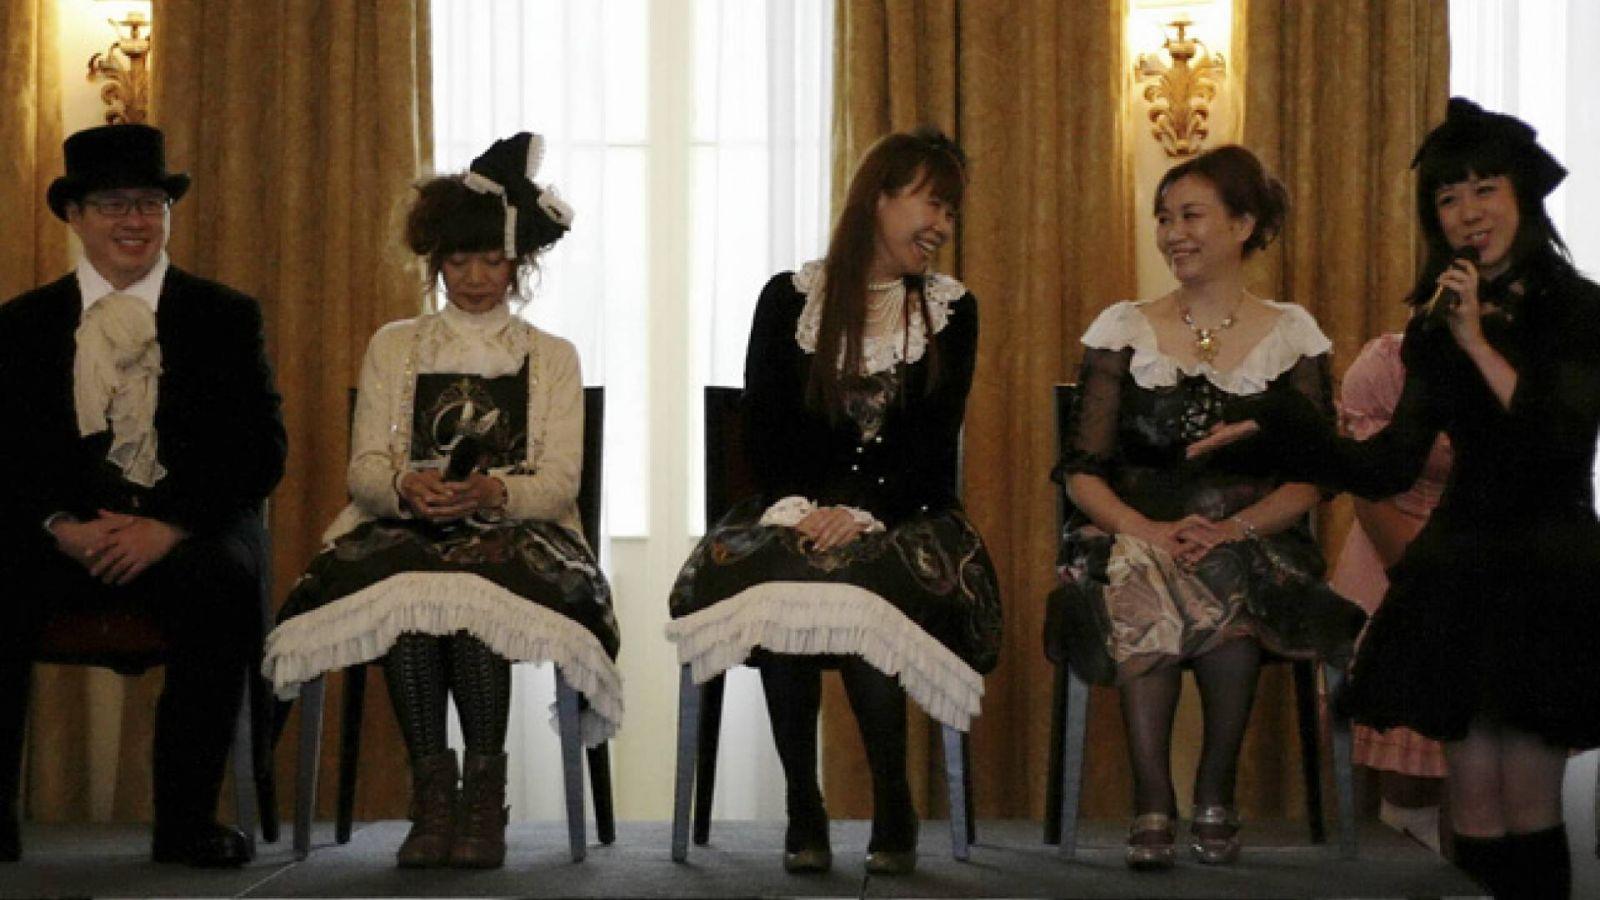 Piąta rocznica The Tea Party Club wraz z Juliette et Justine: panel dyskusyjny © Nina Kefer